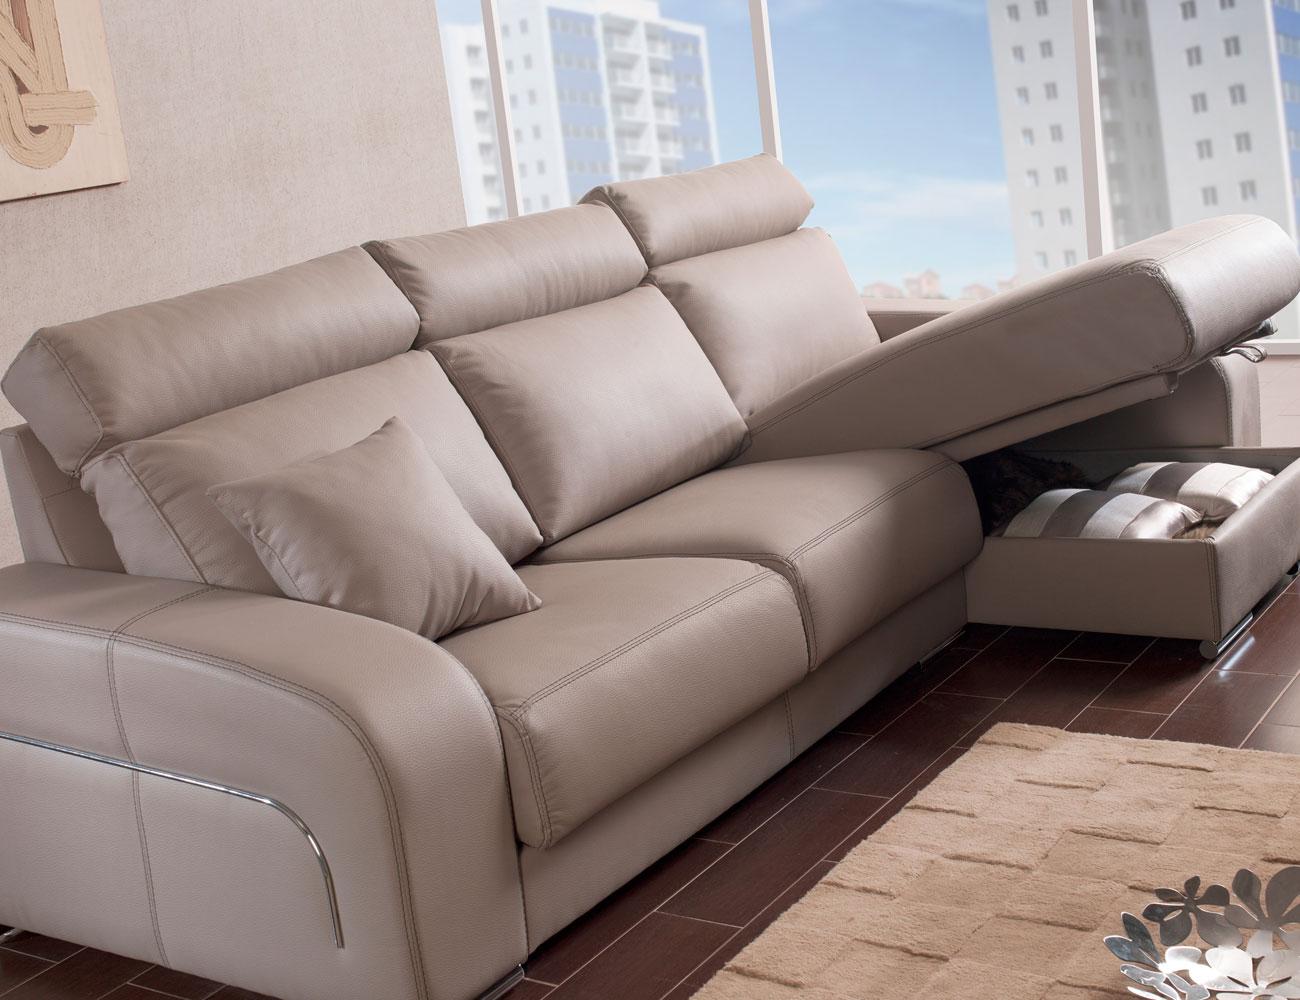 Sofa chaiselongue moderno pared cero arcon44